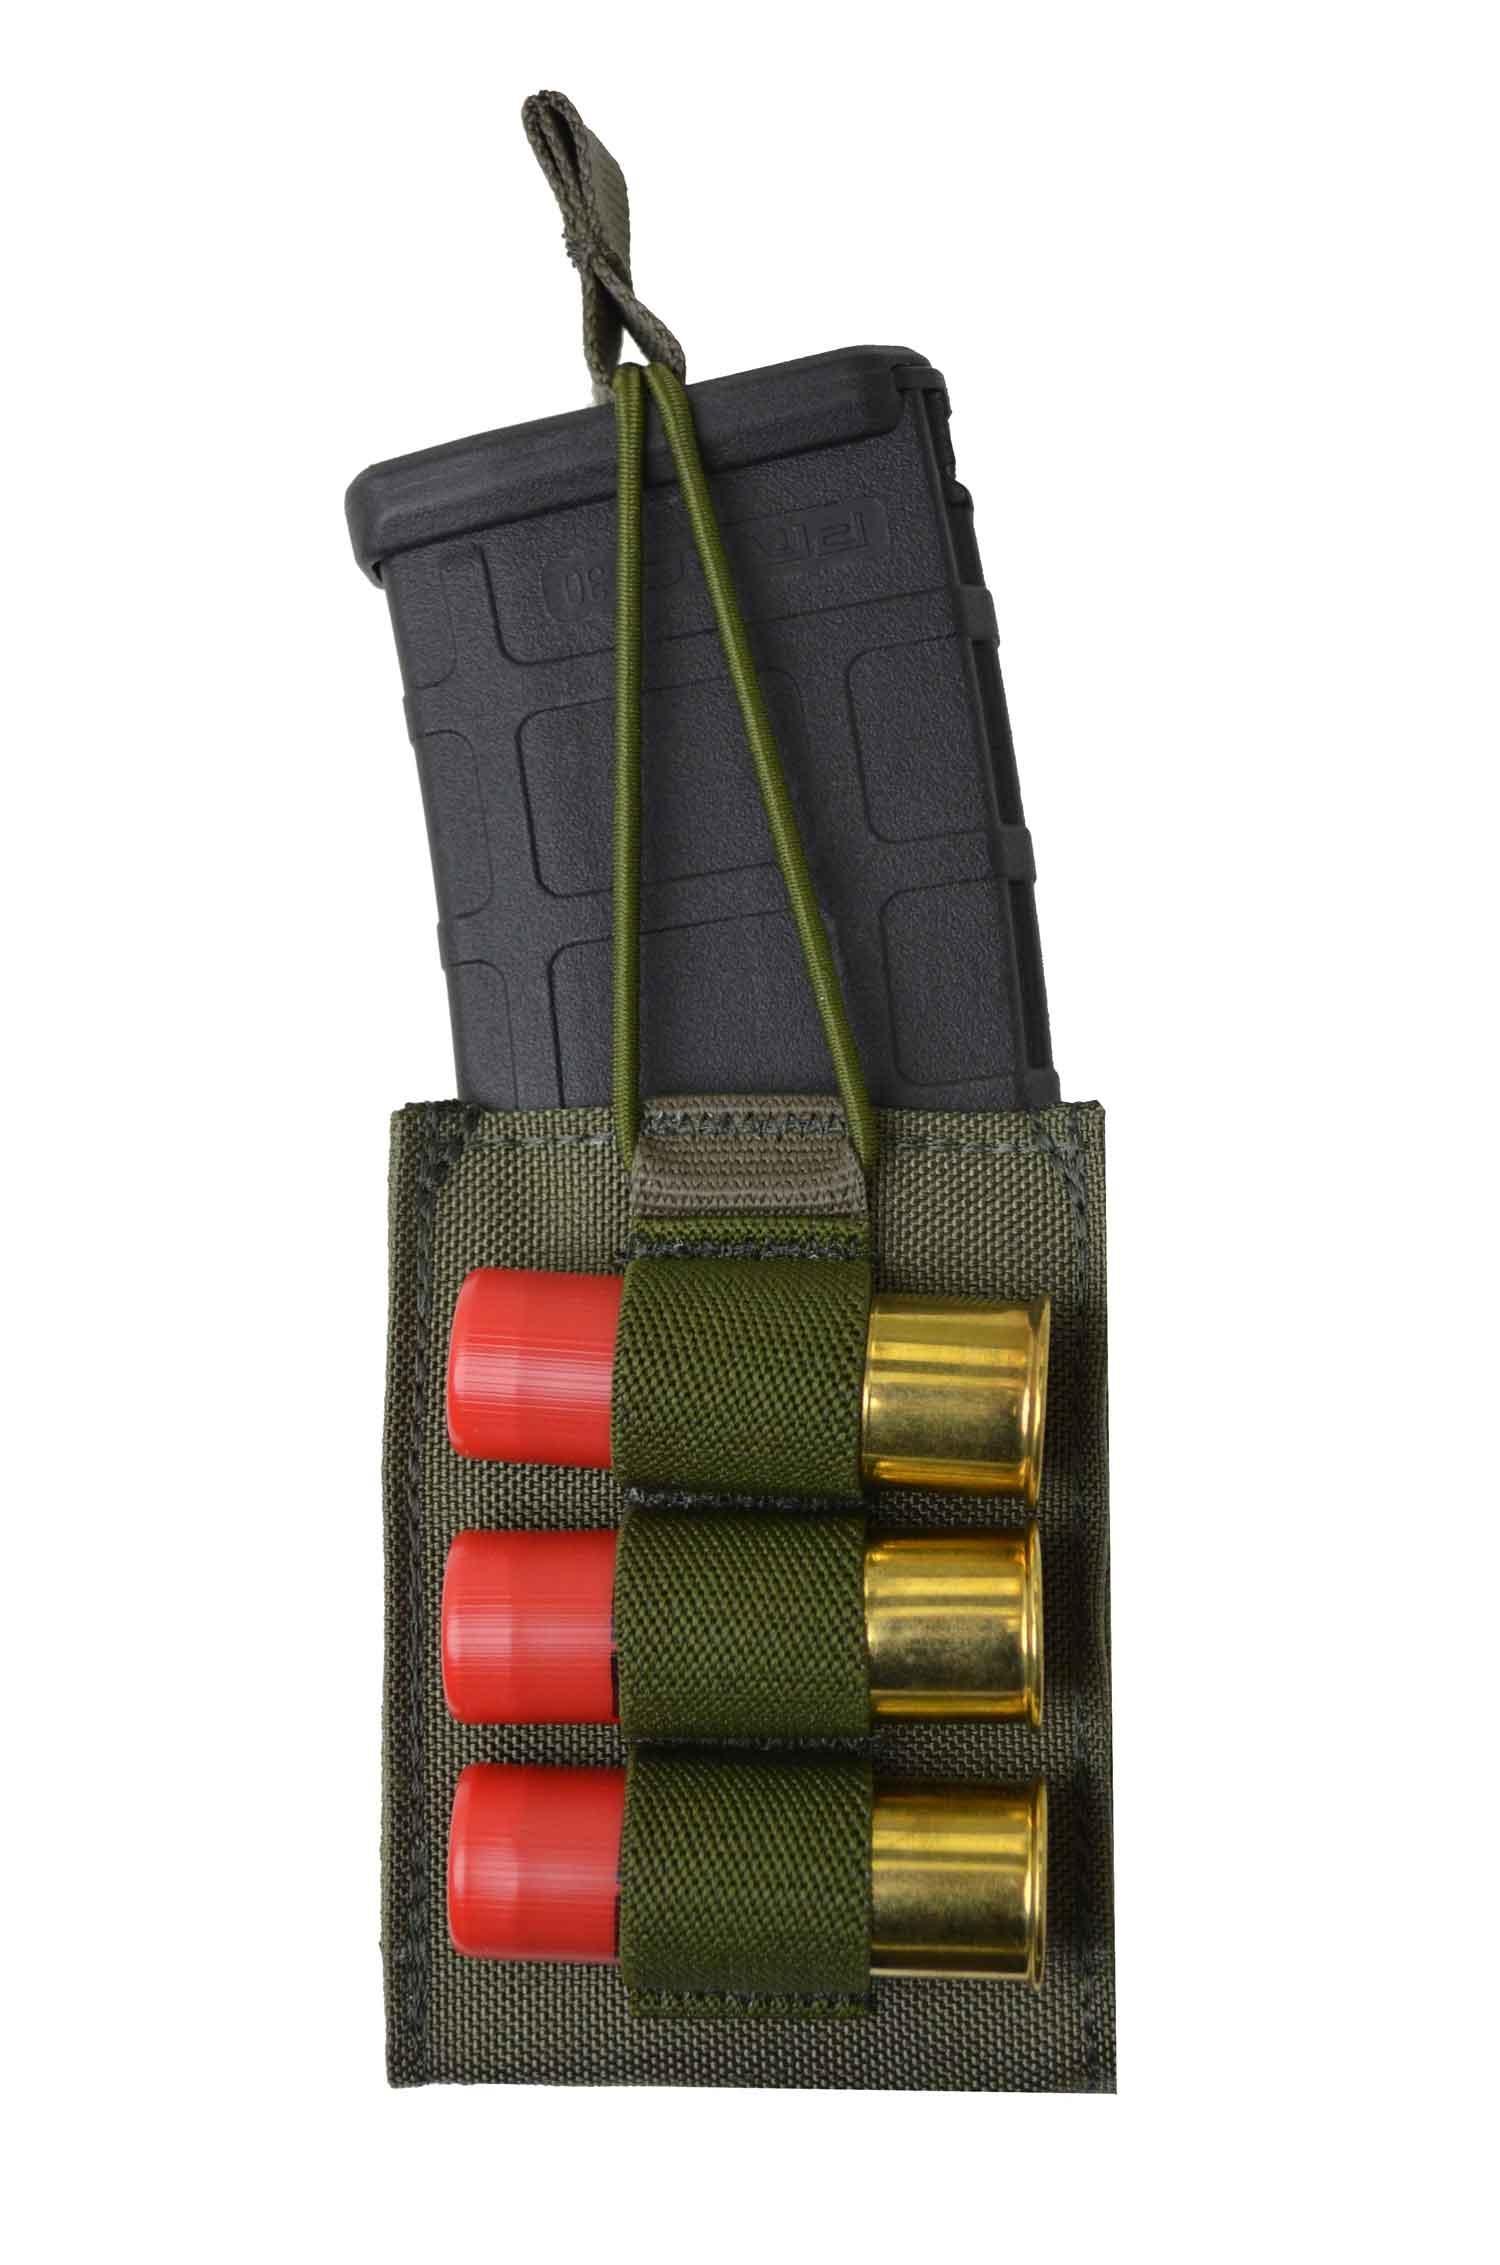 Rifle & Shotgun Magazine Pouch - R.A.S.